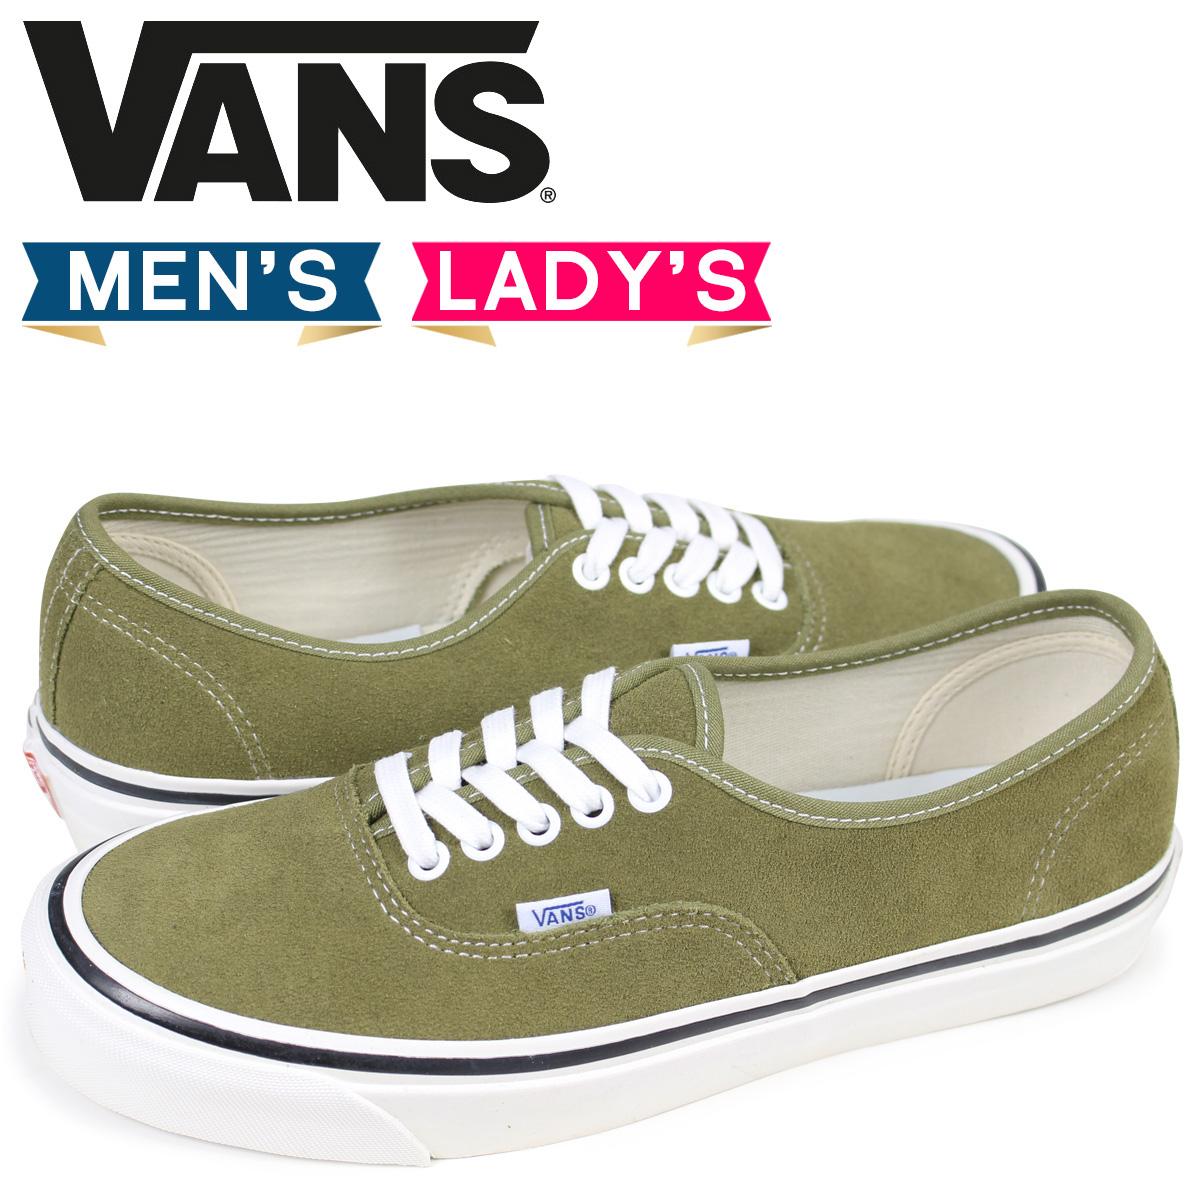 aac23e8e55 VANS authentic sneakers men gap Dis vans station wagons AUTHENTIC 44 DX  VN0A38ENQT0 olive  3 13 Shinnyu load